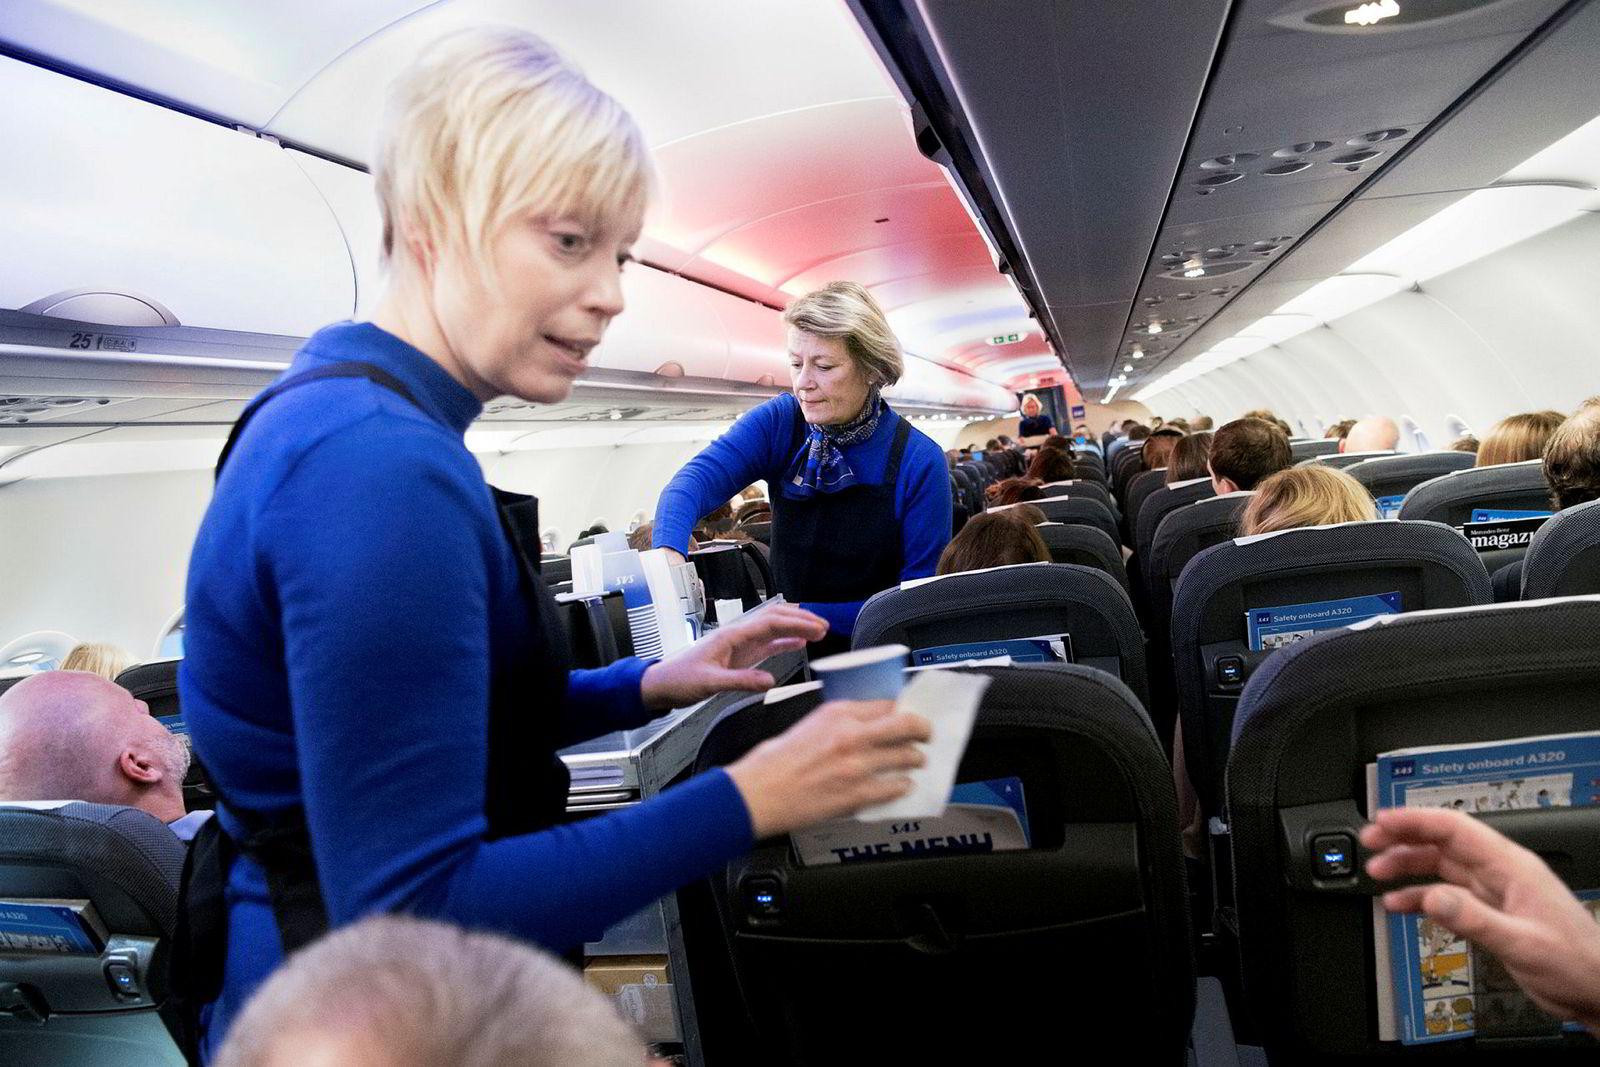 Flybransjen er hardt rammet og SAS har permittert nesten alle som flyr. Her Leena Blomqvist (til venstre) og Marie Holmer, da SAS fortsatt opererte som vanlig.